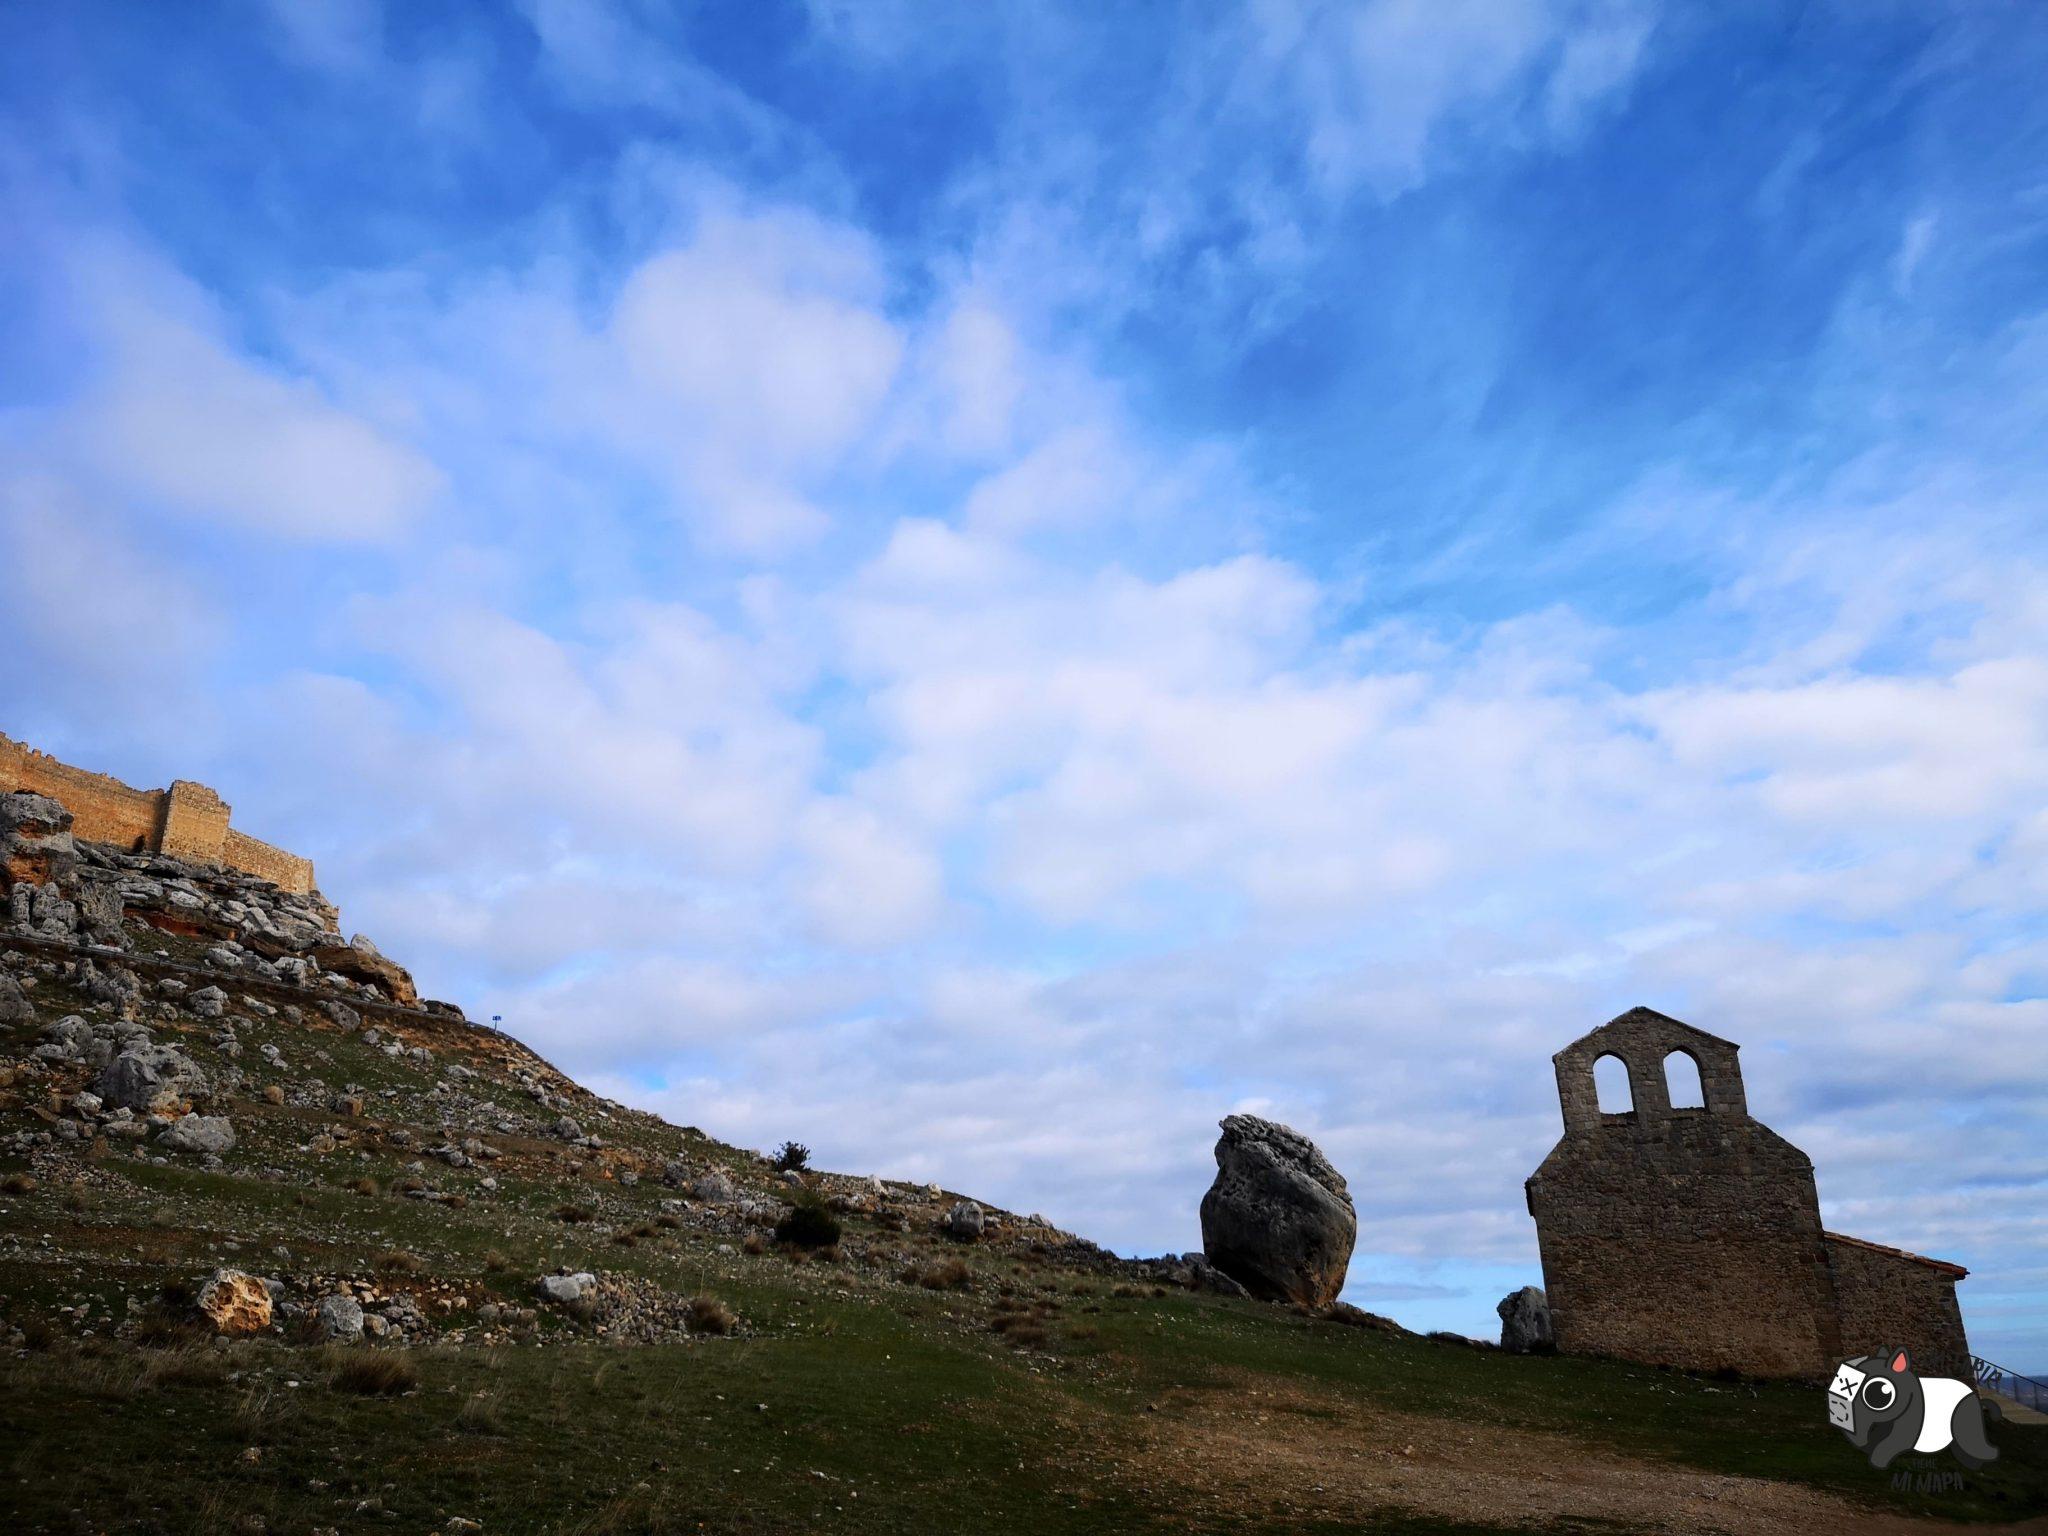 Vistas de la Ermita de San Miguel de Gormaz y parte de la muralla de la fortaleza.